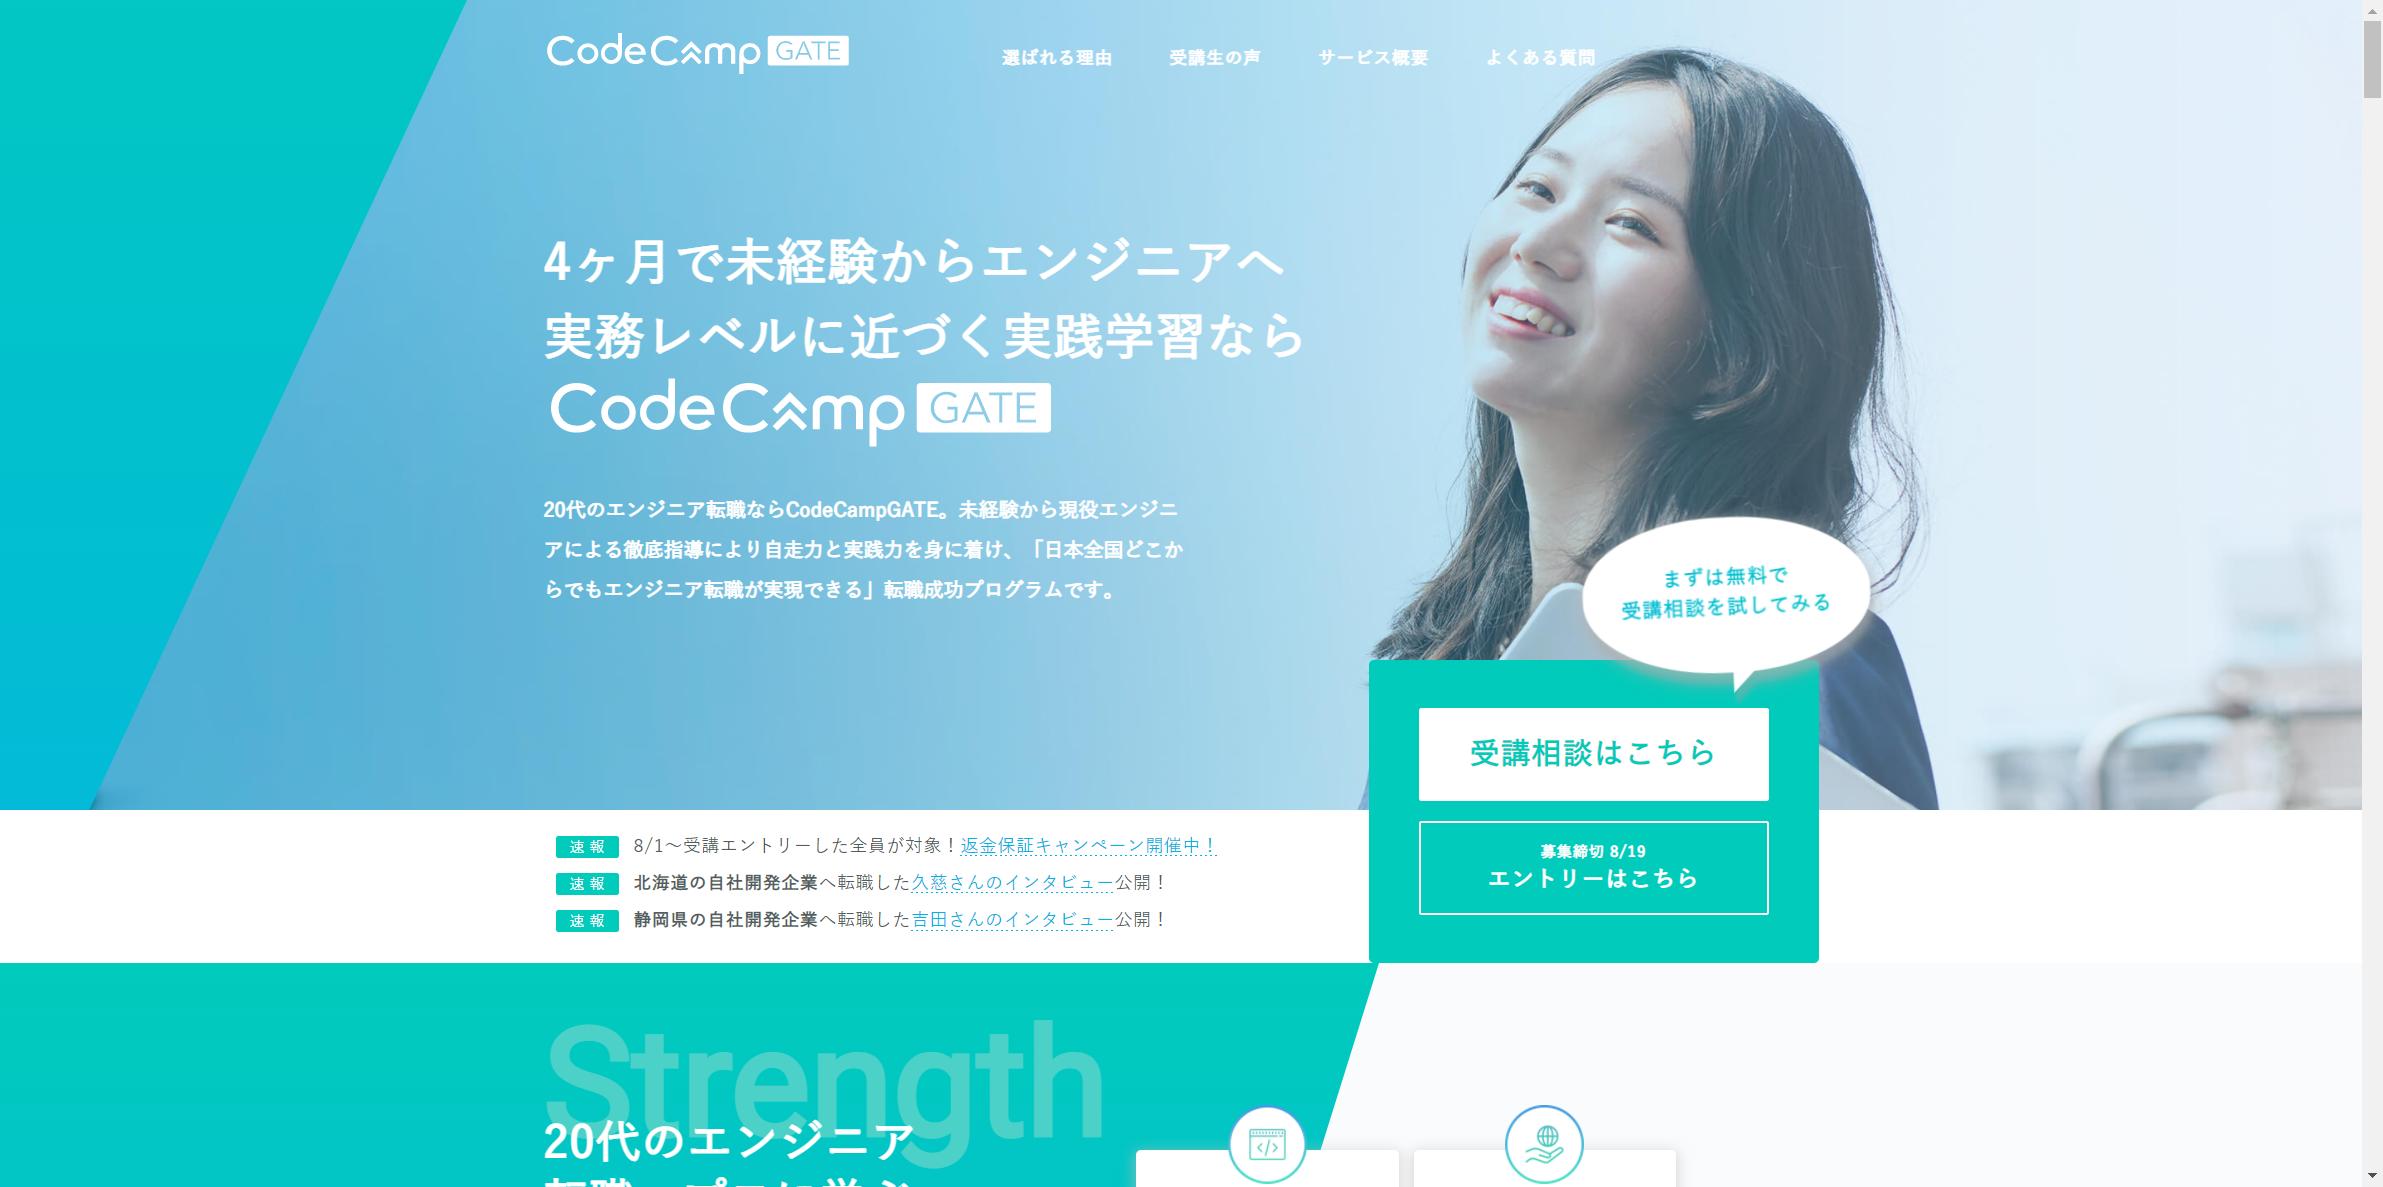 Code  Camp Gate エンジニア転向コース